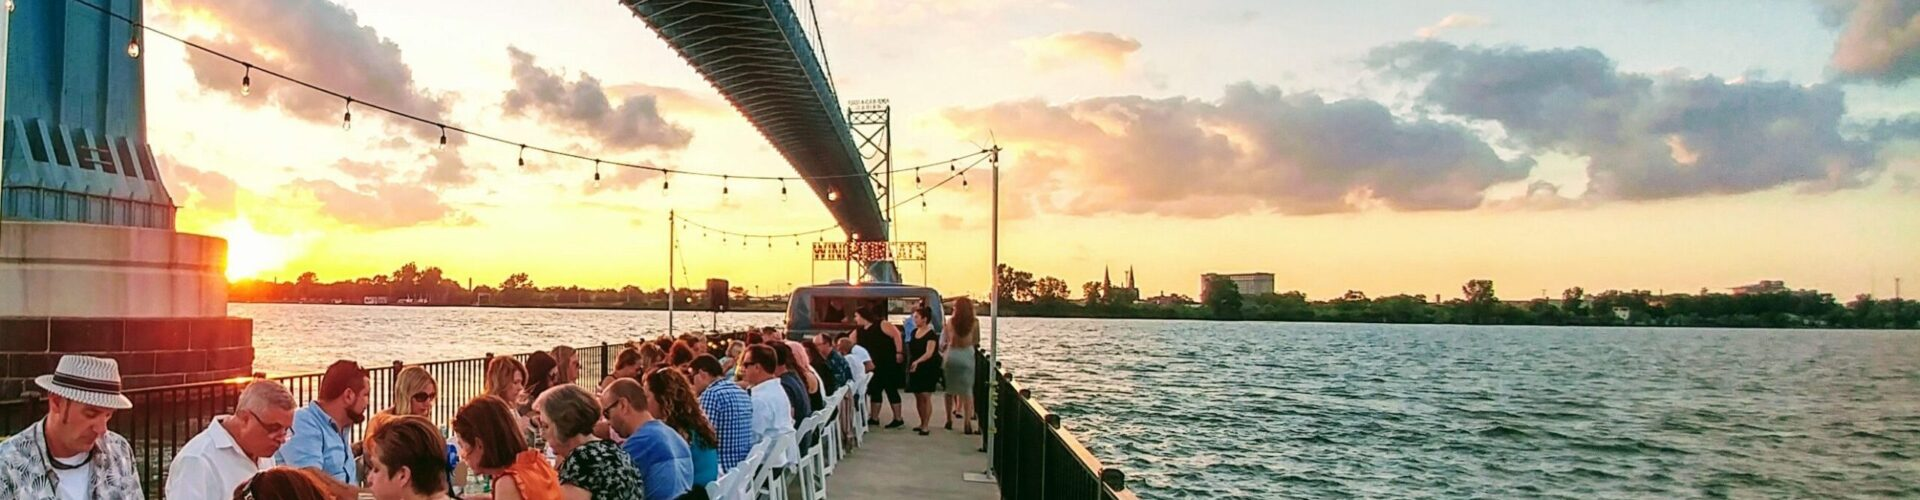 Windsor Eats Annual Dinner on a Pier